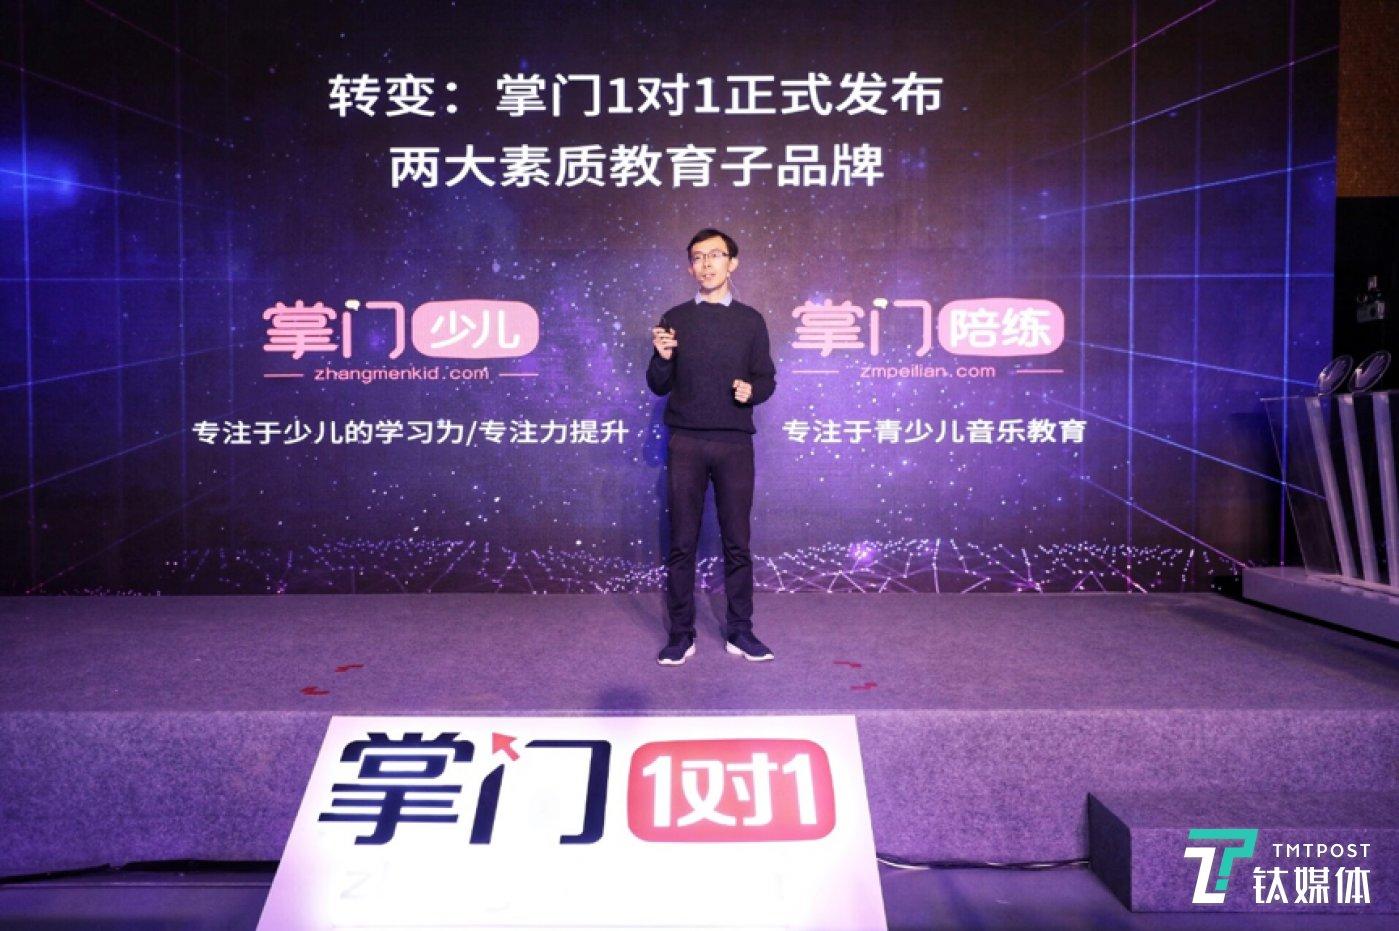 11月29日,掌门1对1创始人兼CEO张翼正式宣布公司转型素质教育